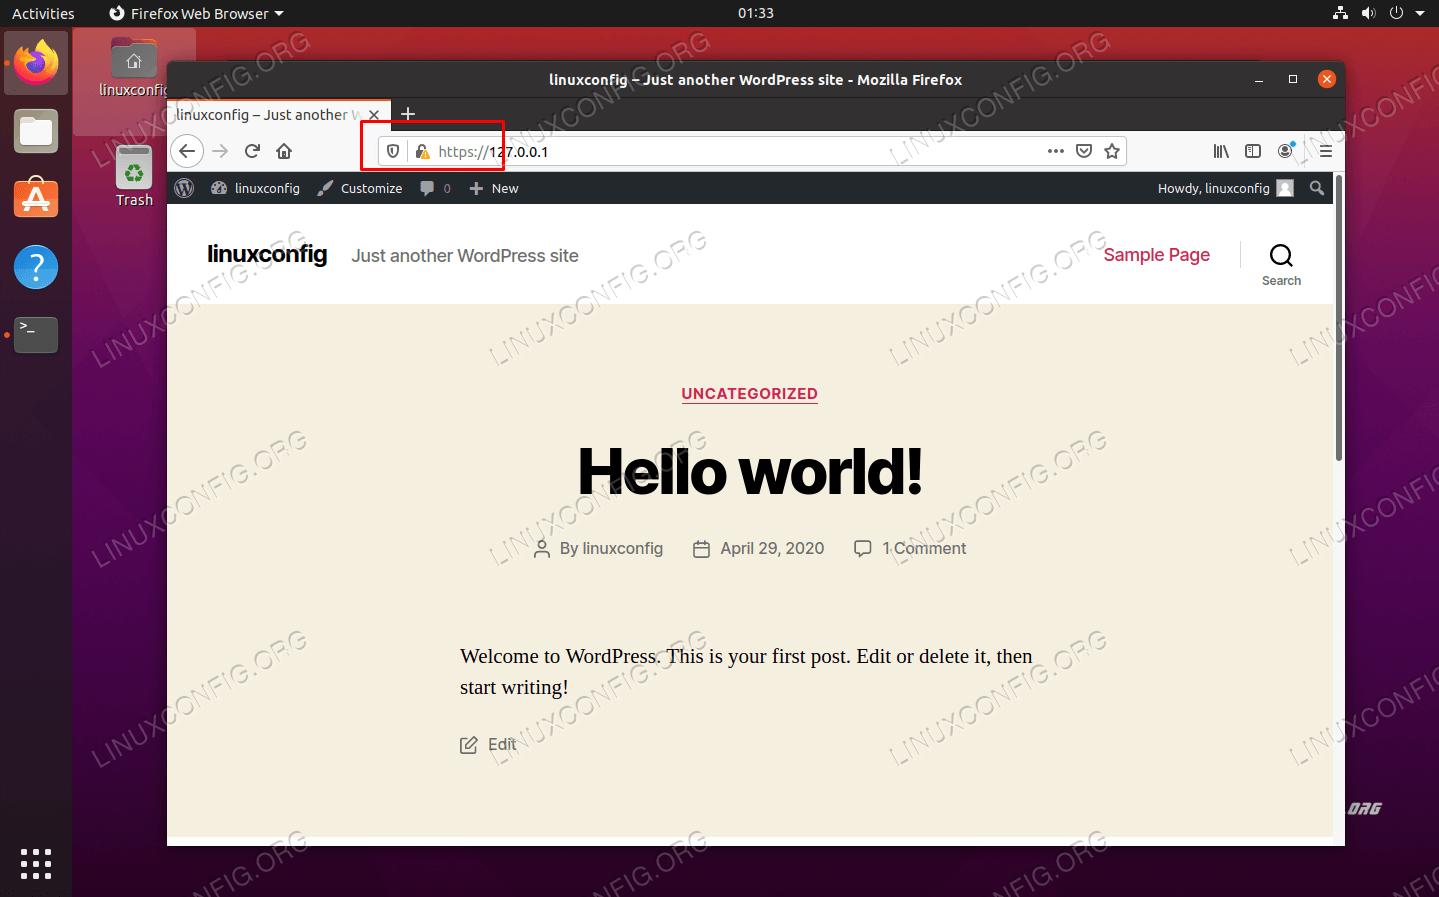 WordPressサイトでHTTPSが有効になりました